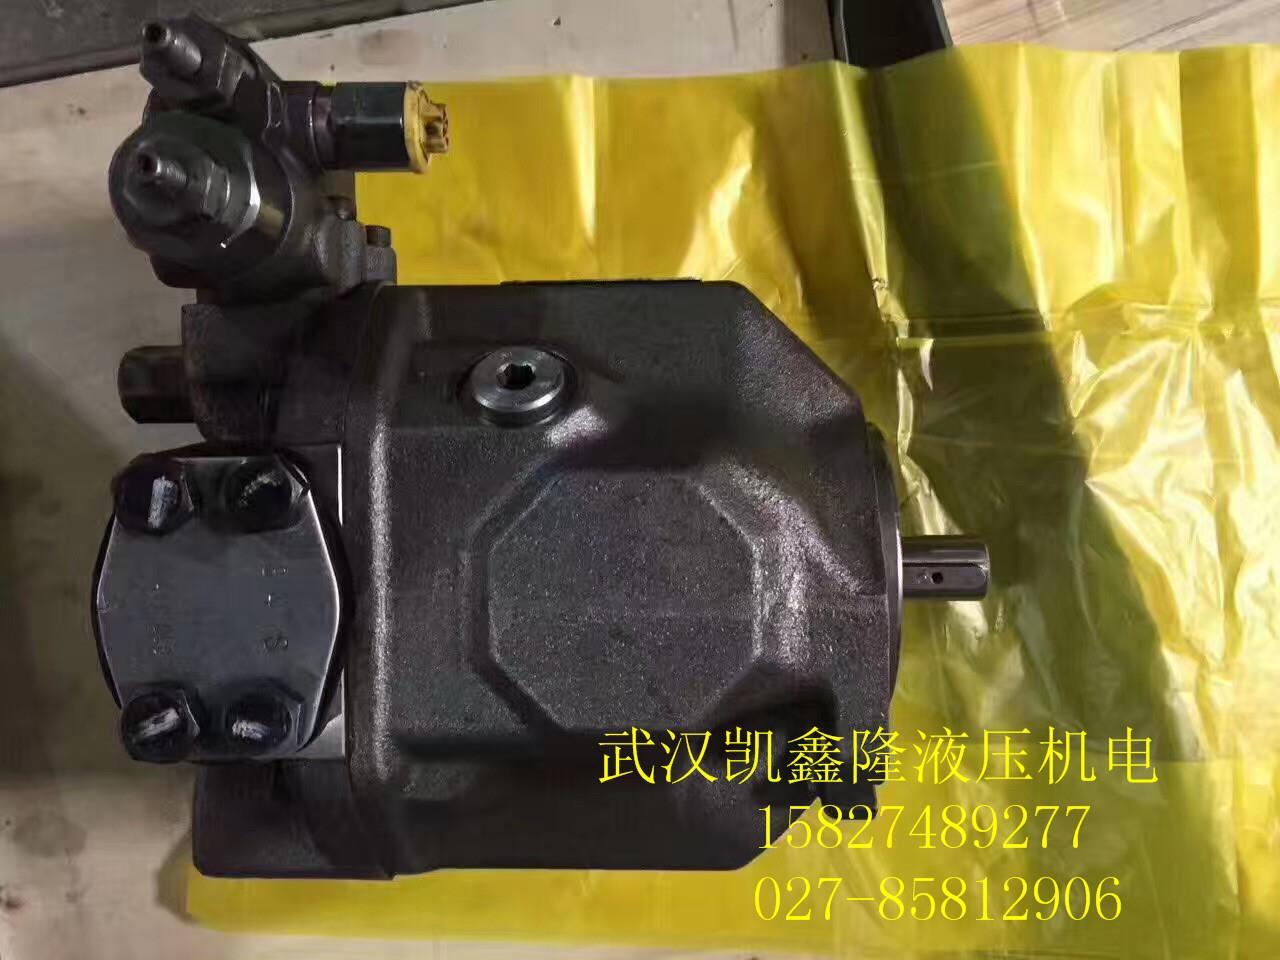 安徽新闻:A11VO40DRL/10L-NZD12N00力士乐柱塞泵厂家